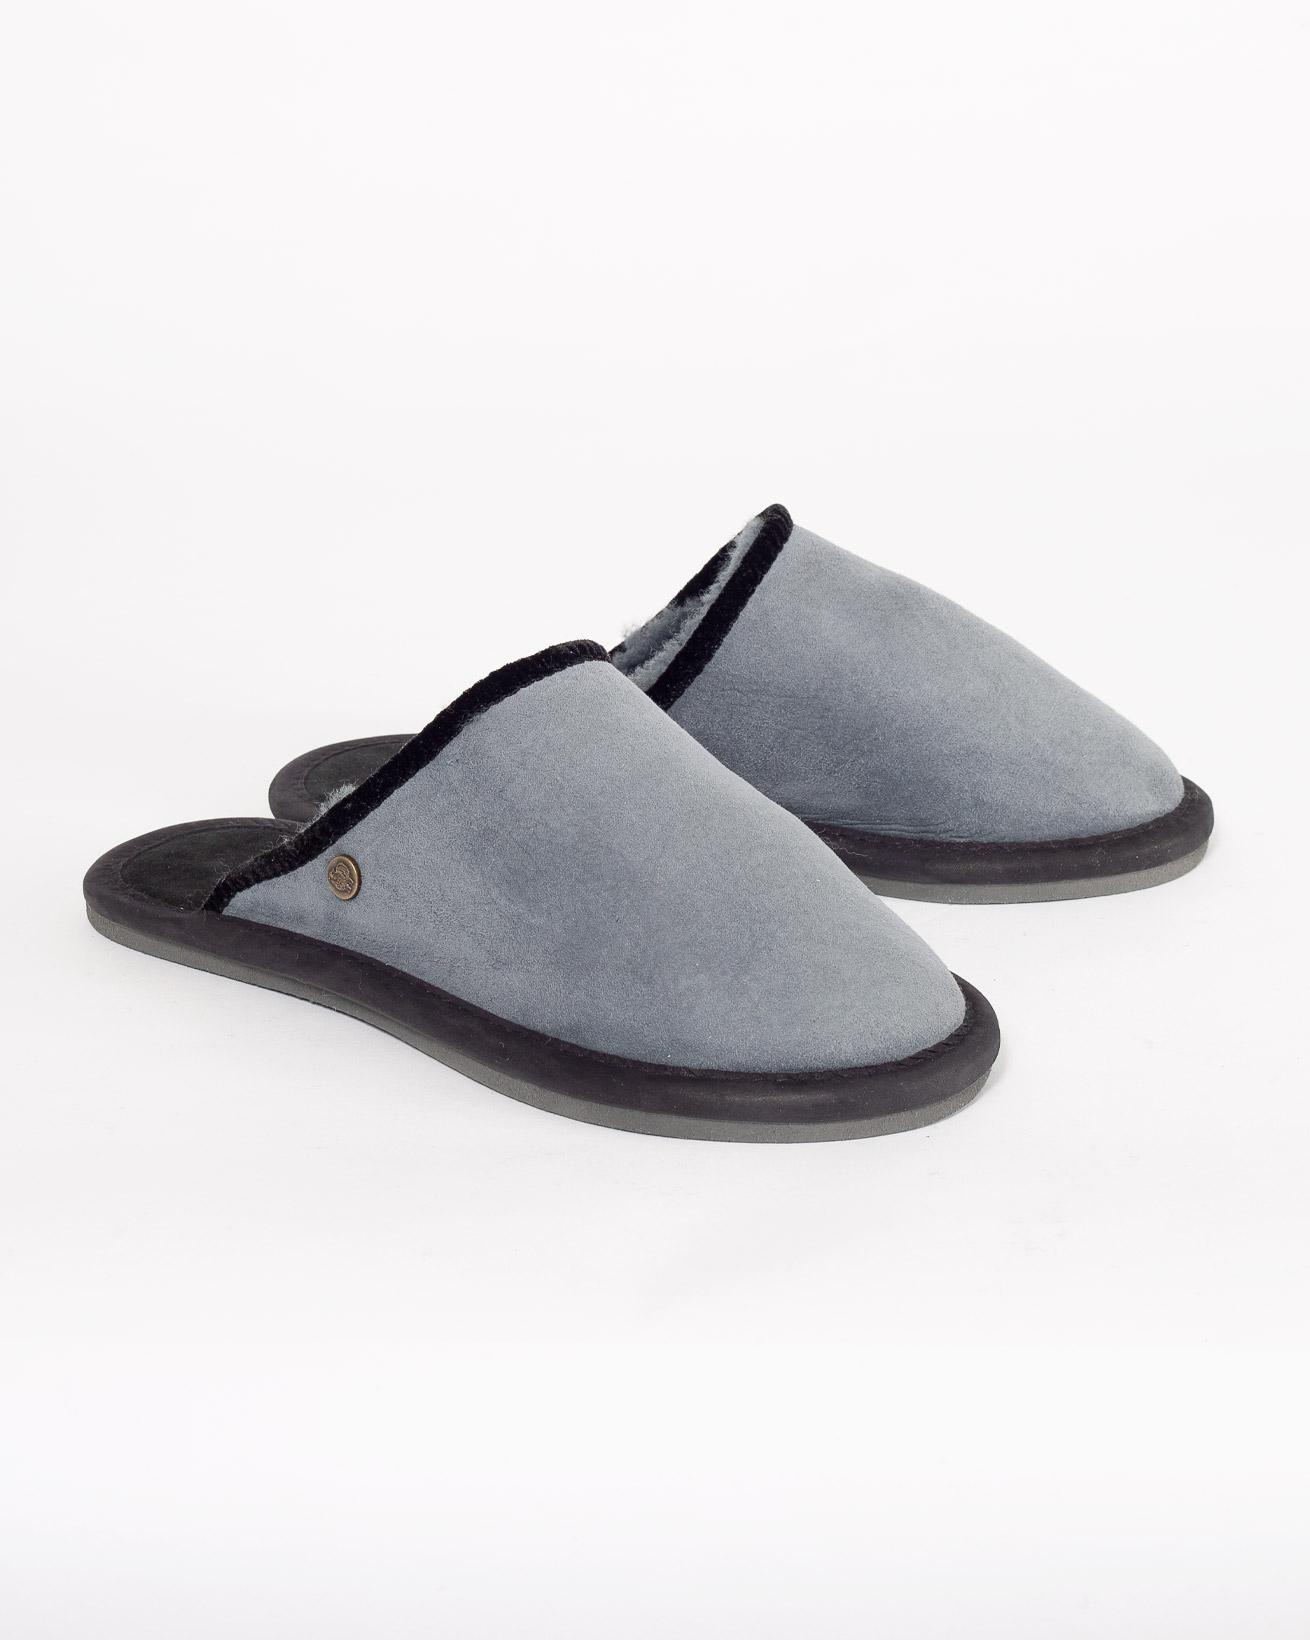 Bound Mules - Size 5 - Dark Grey - 1213